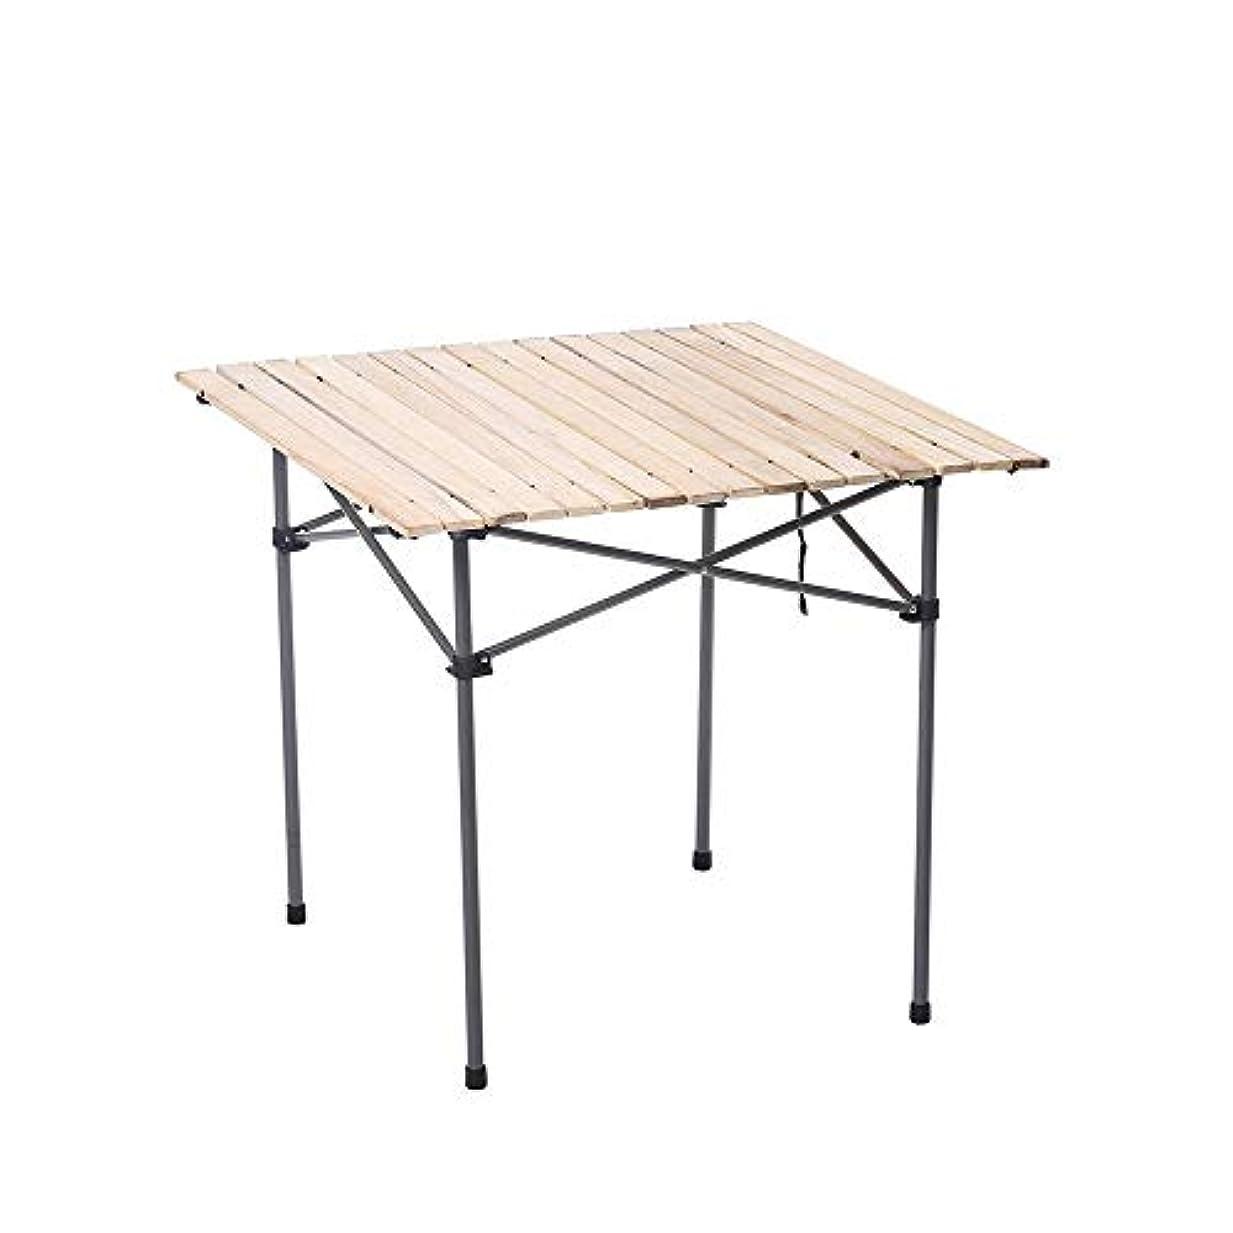 先行するゆるくストレスの多いLJHA zhuozi 折りたたみ式テーブル、屋外キャンプポータブル折りたたみピクニックバーベキュー釣り動物ホームライティングデスクコンピュータテーブルダイニングテーブル